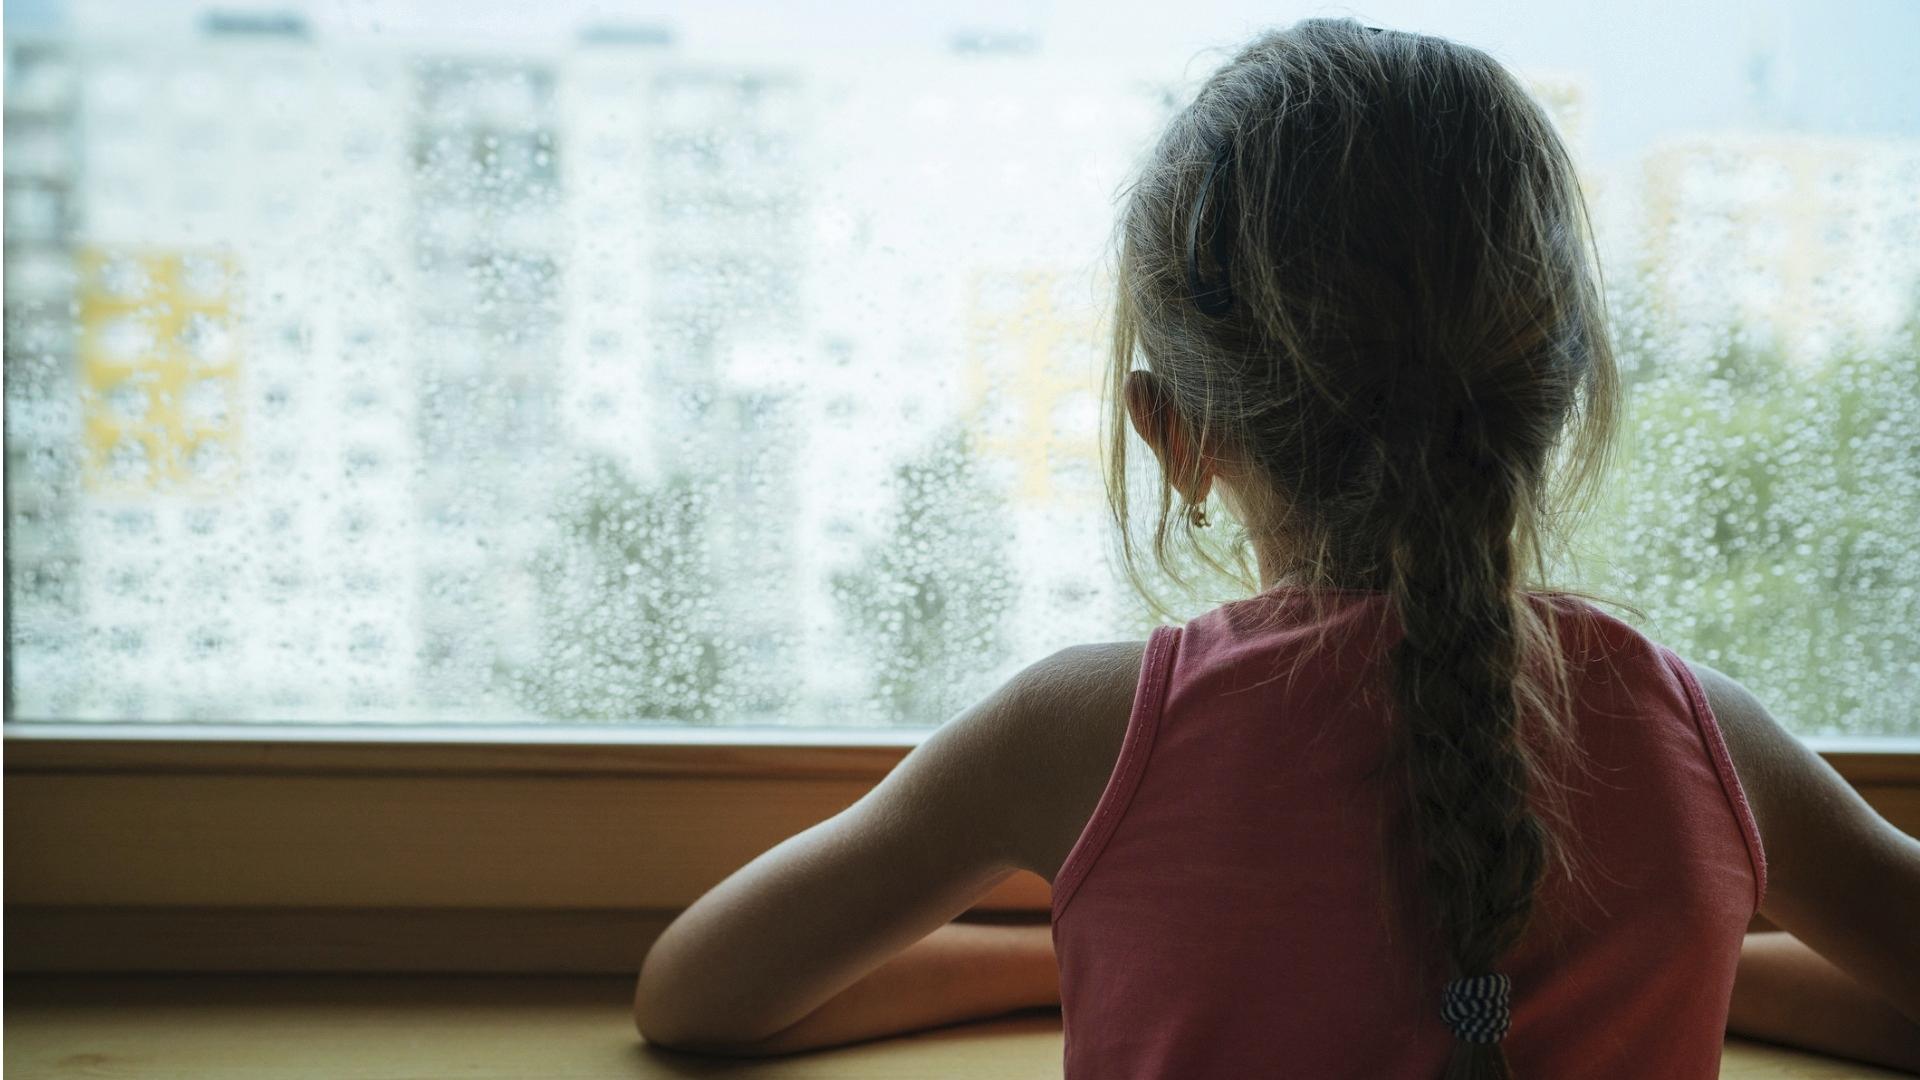 Koronaviruksesta johtuvat poikkeusolot voivat lisätä lapsen tai nuoren yksinäisyyden tunnetta, kun sosiaaliset kontaktit vähenevät.